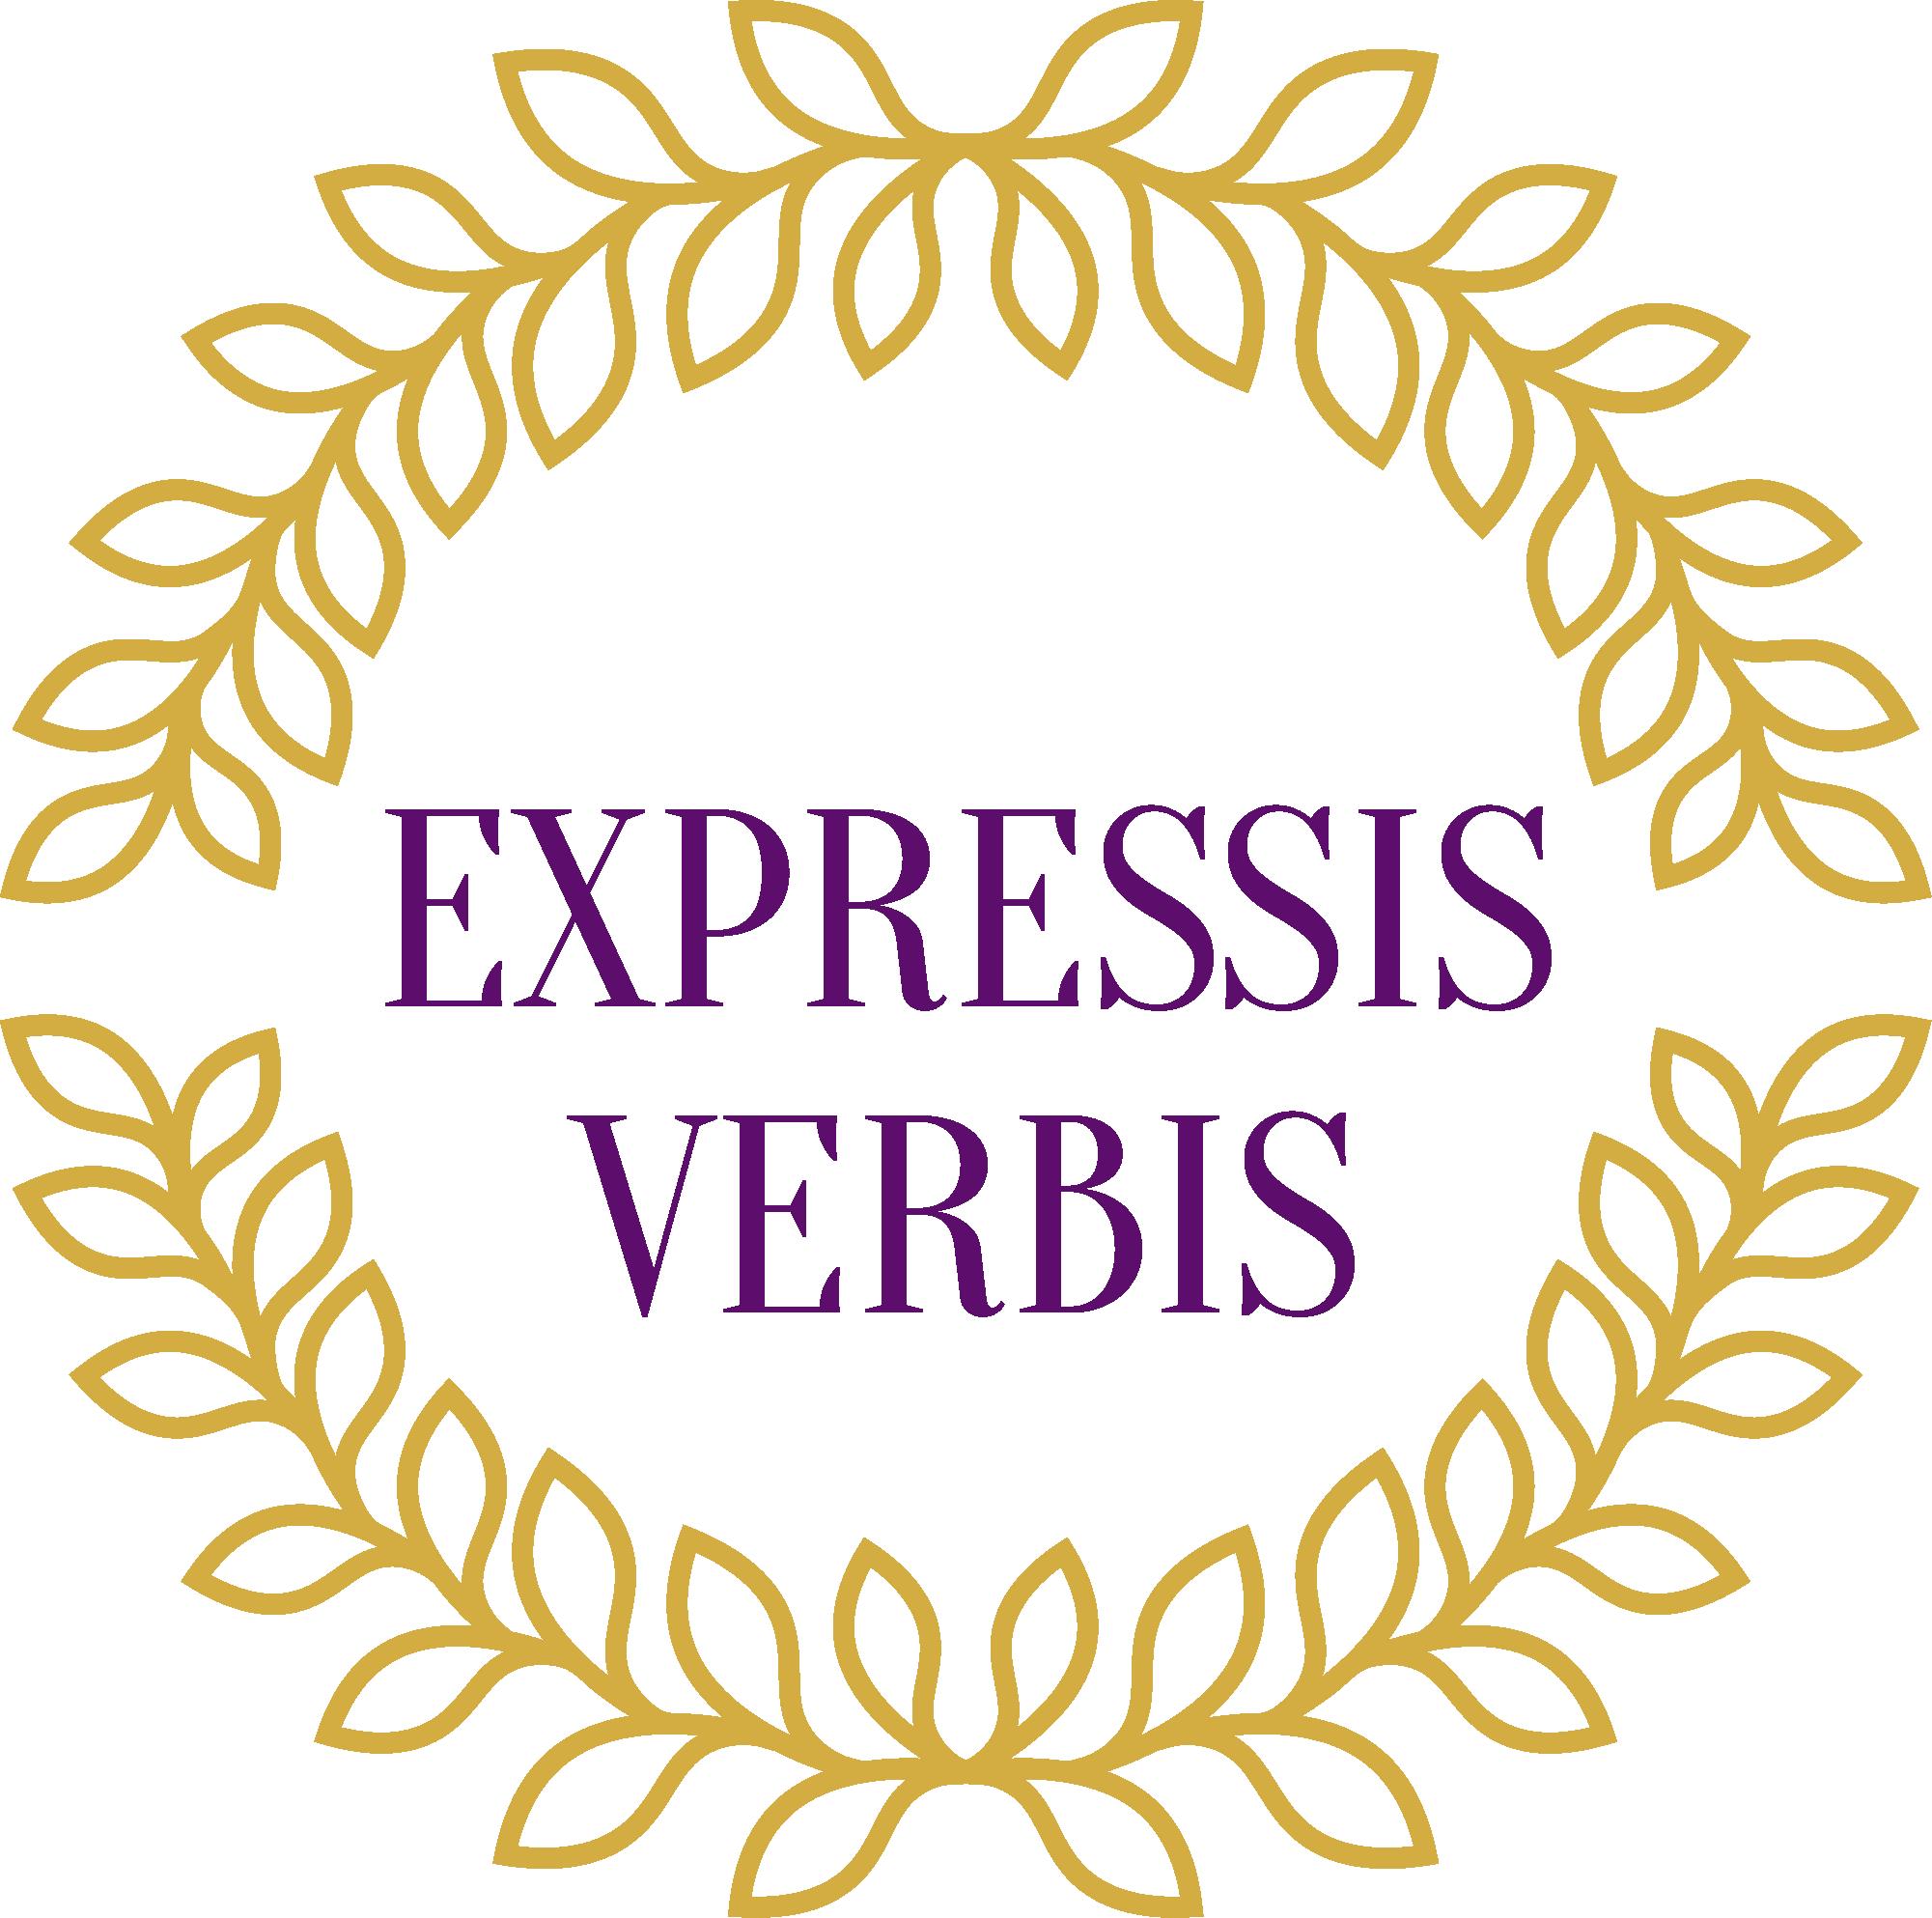 Expressis verbis